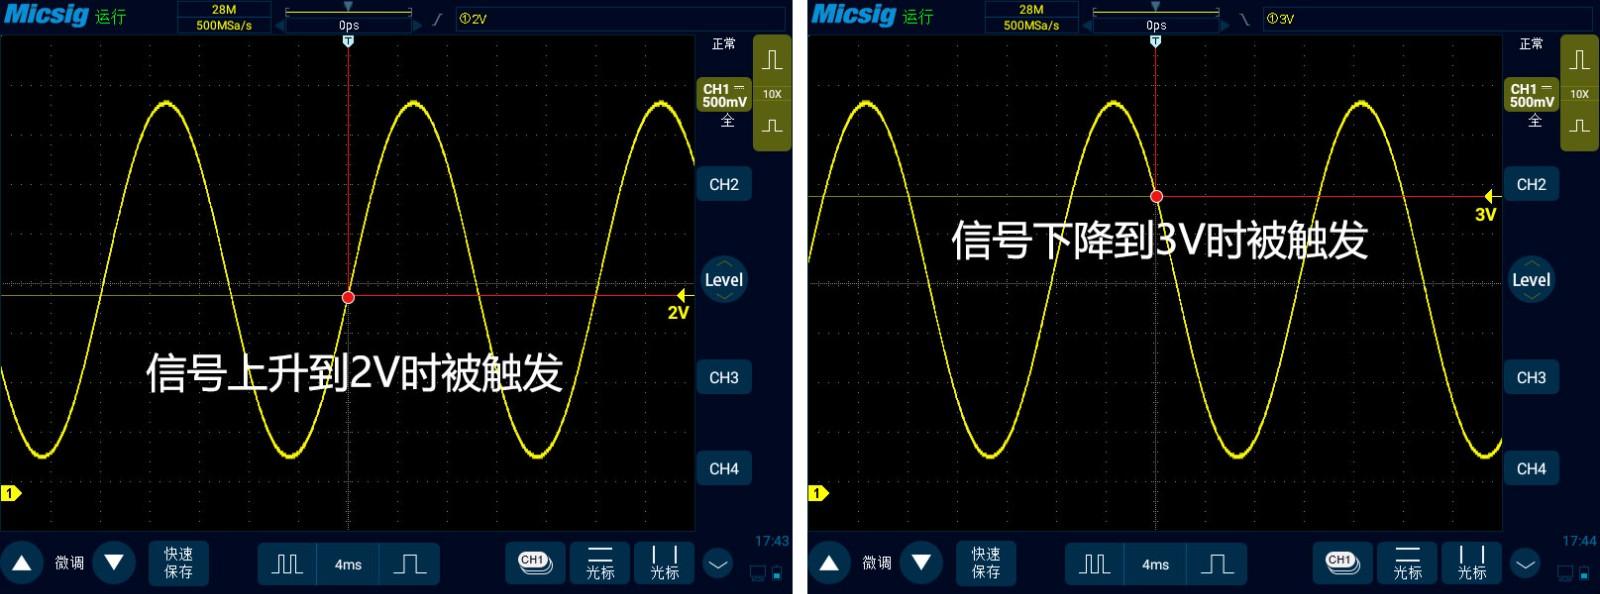 5示波器触发的作用及原理讲解.jpg